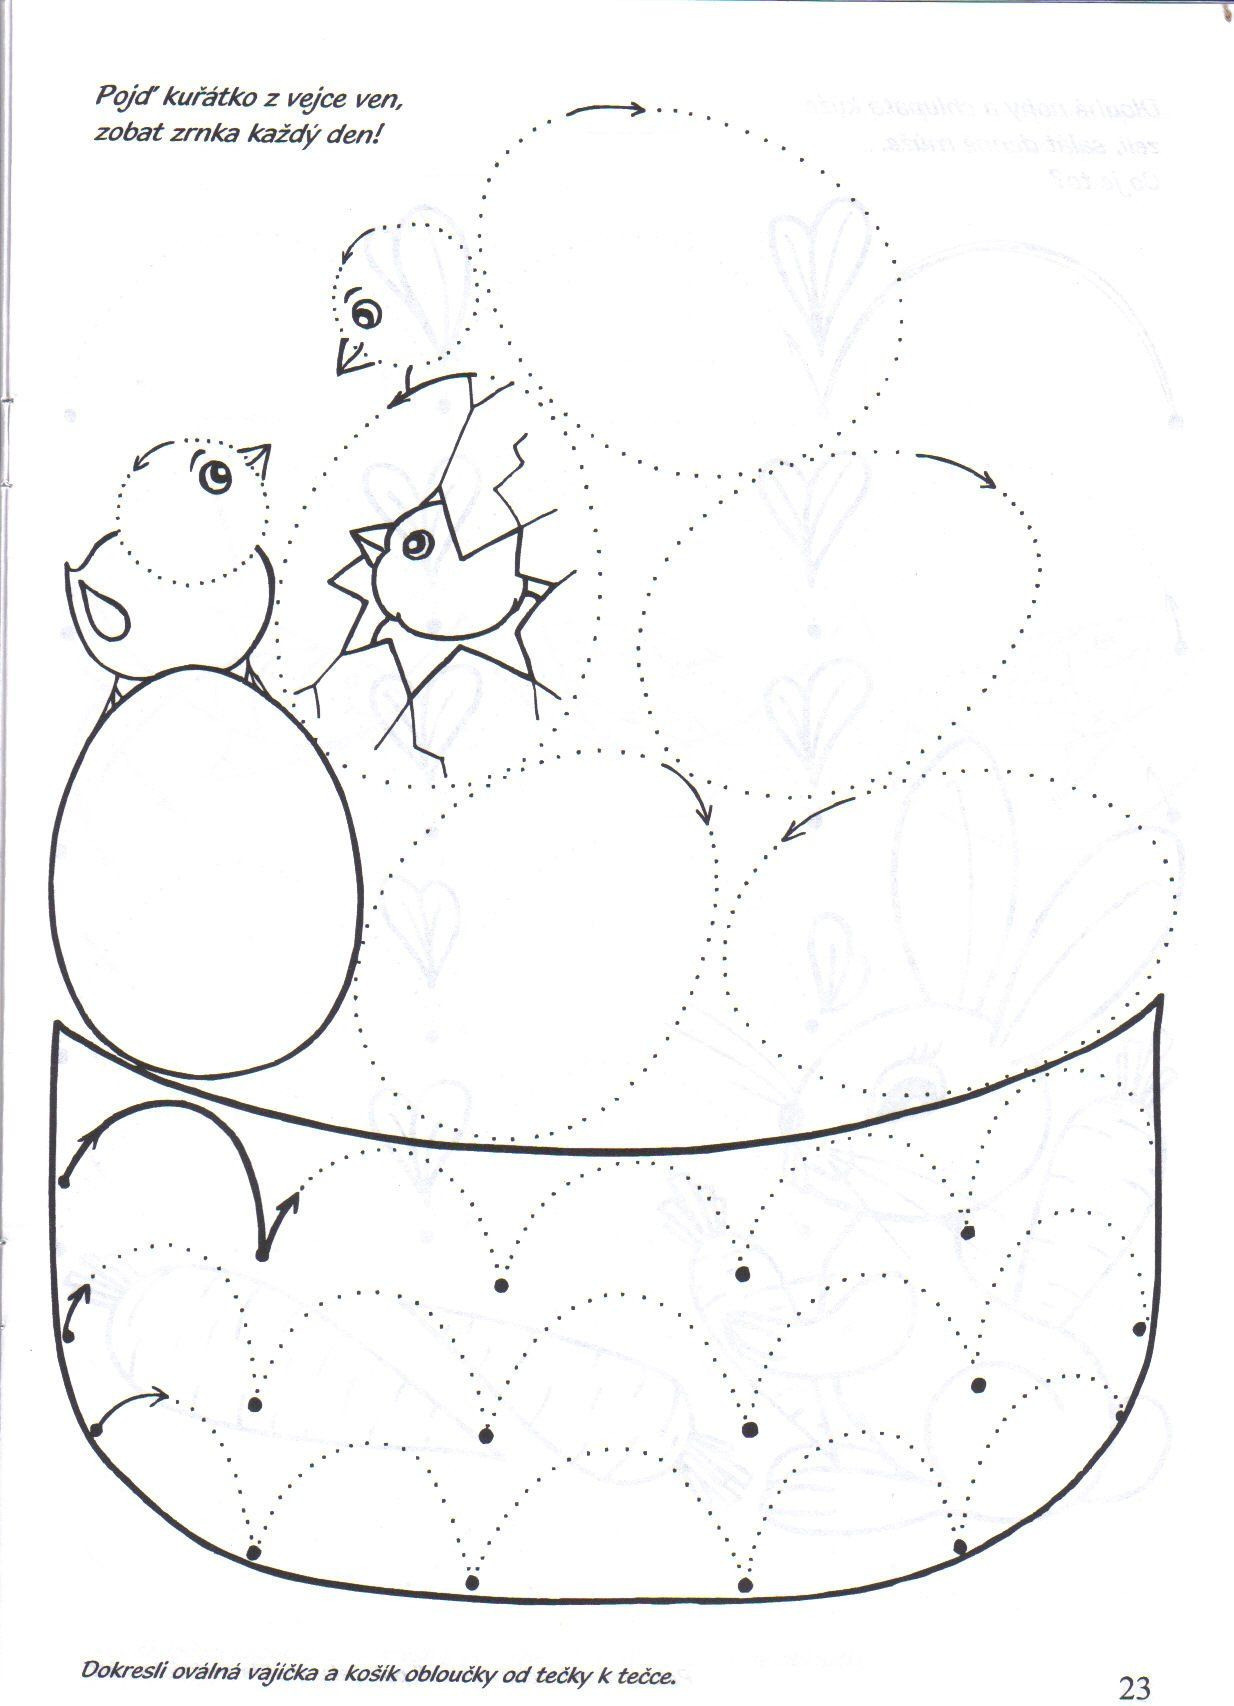 Ausmalbilder Zum Ausdrucken Minions Inspirierend Ostereier Malvorlagen Ausdrucken Lovely Malvorlagen Minion Elegant Das Bild